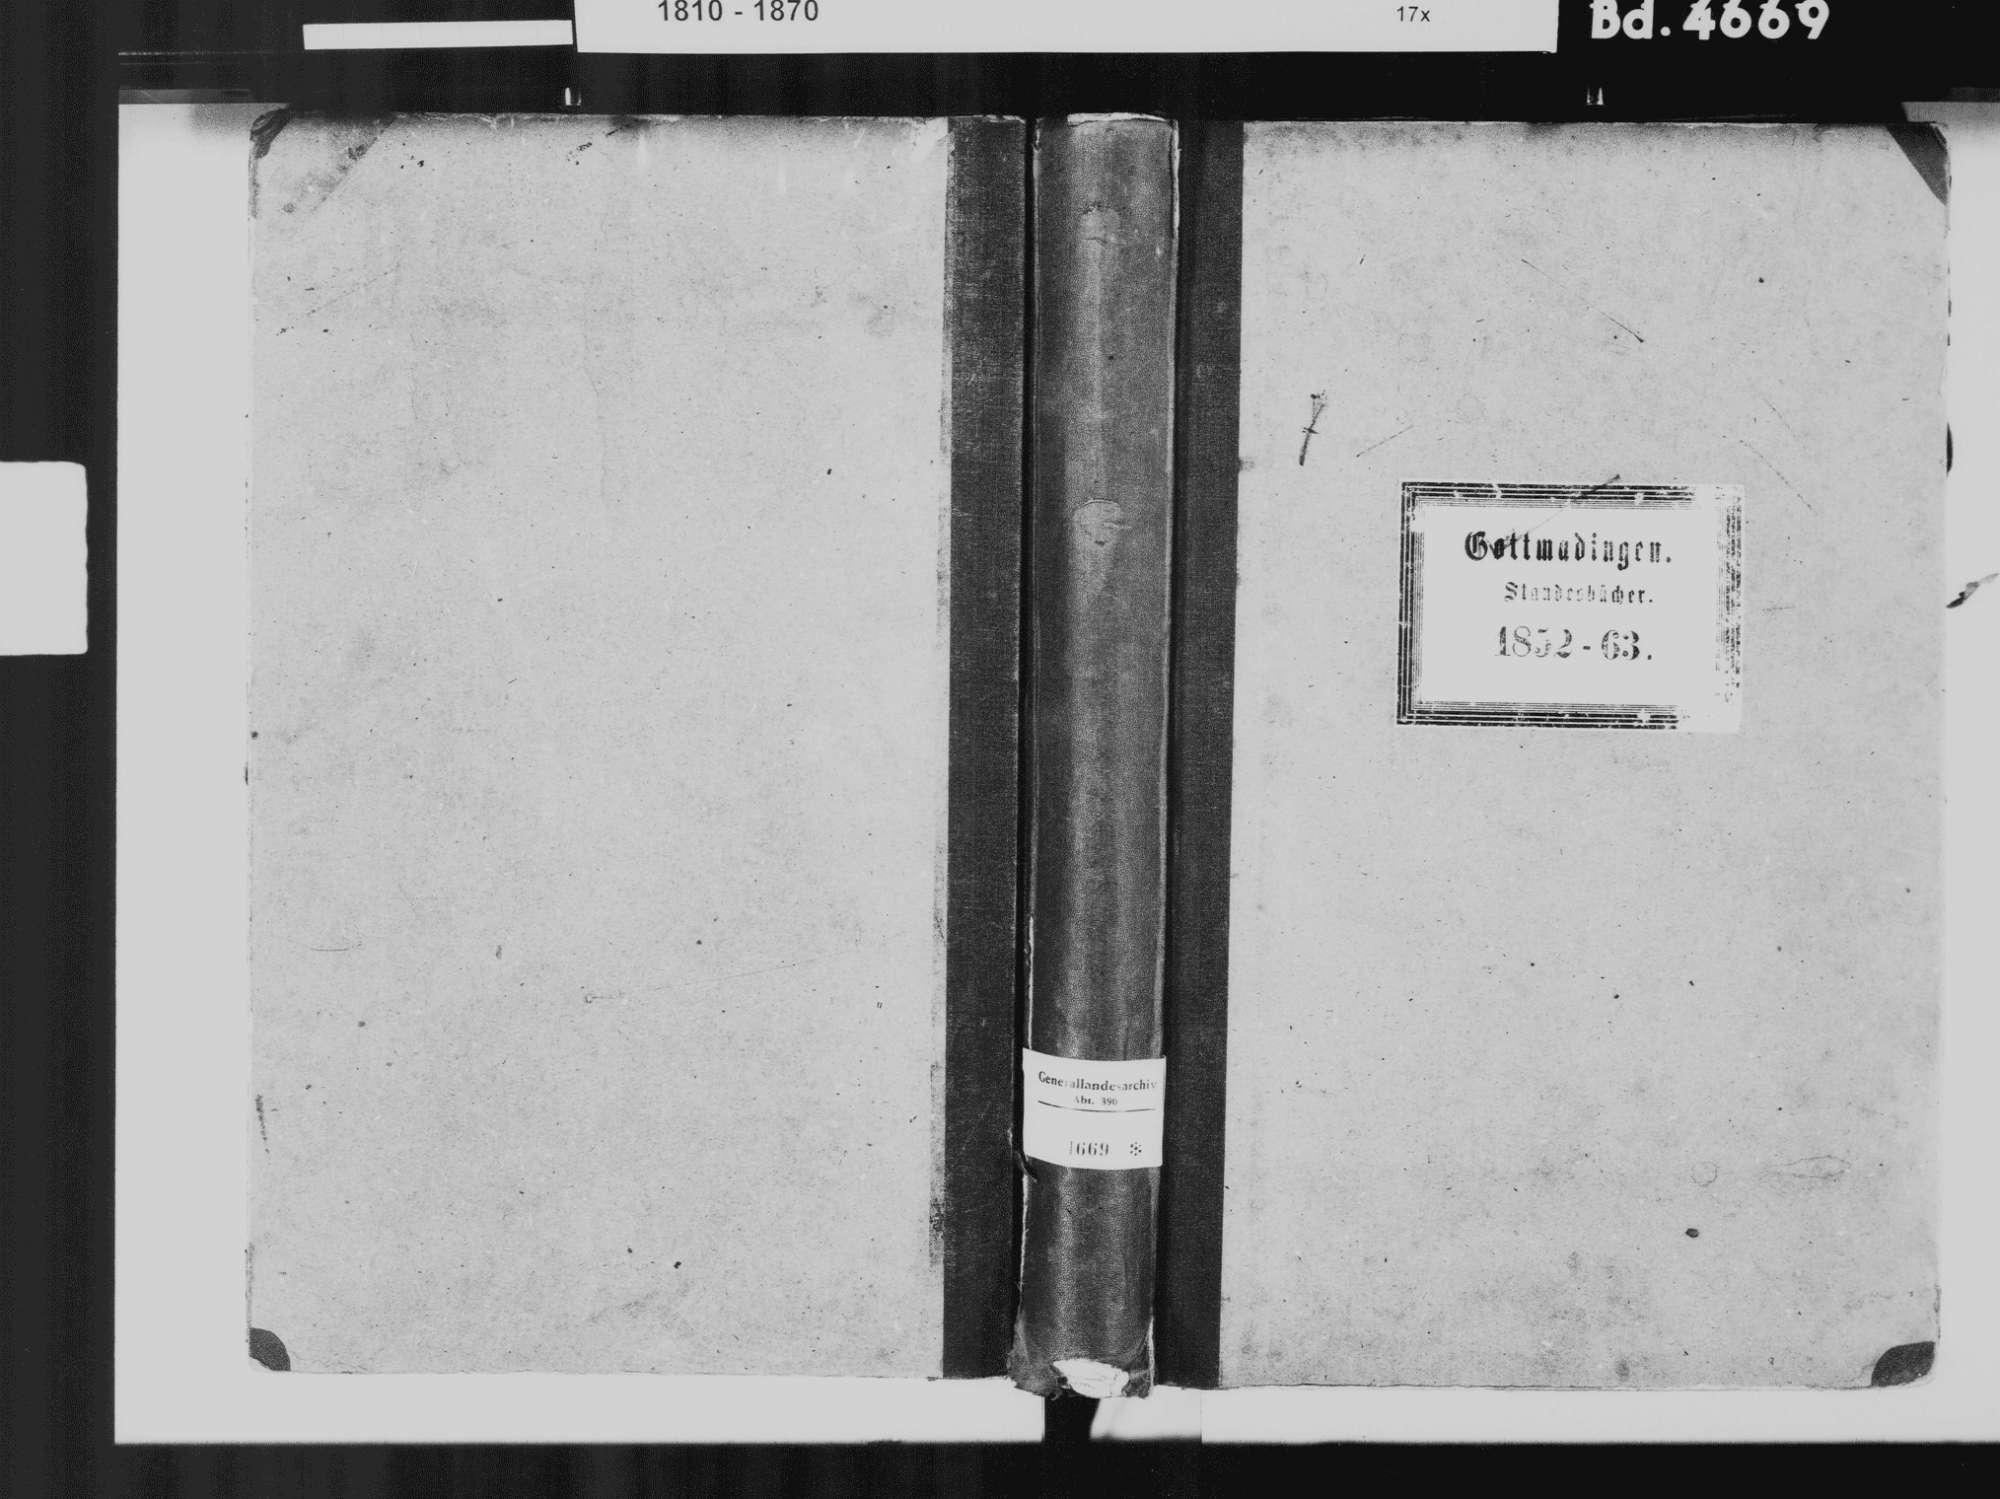 Gottmadingen KN; Katholische Gemeinde: Standesbuch 1852-1863, Bild 2